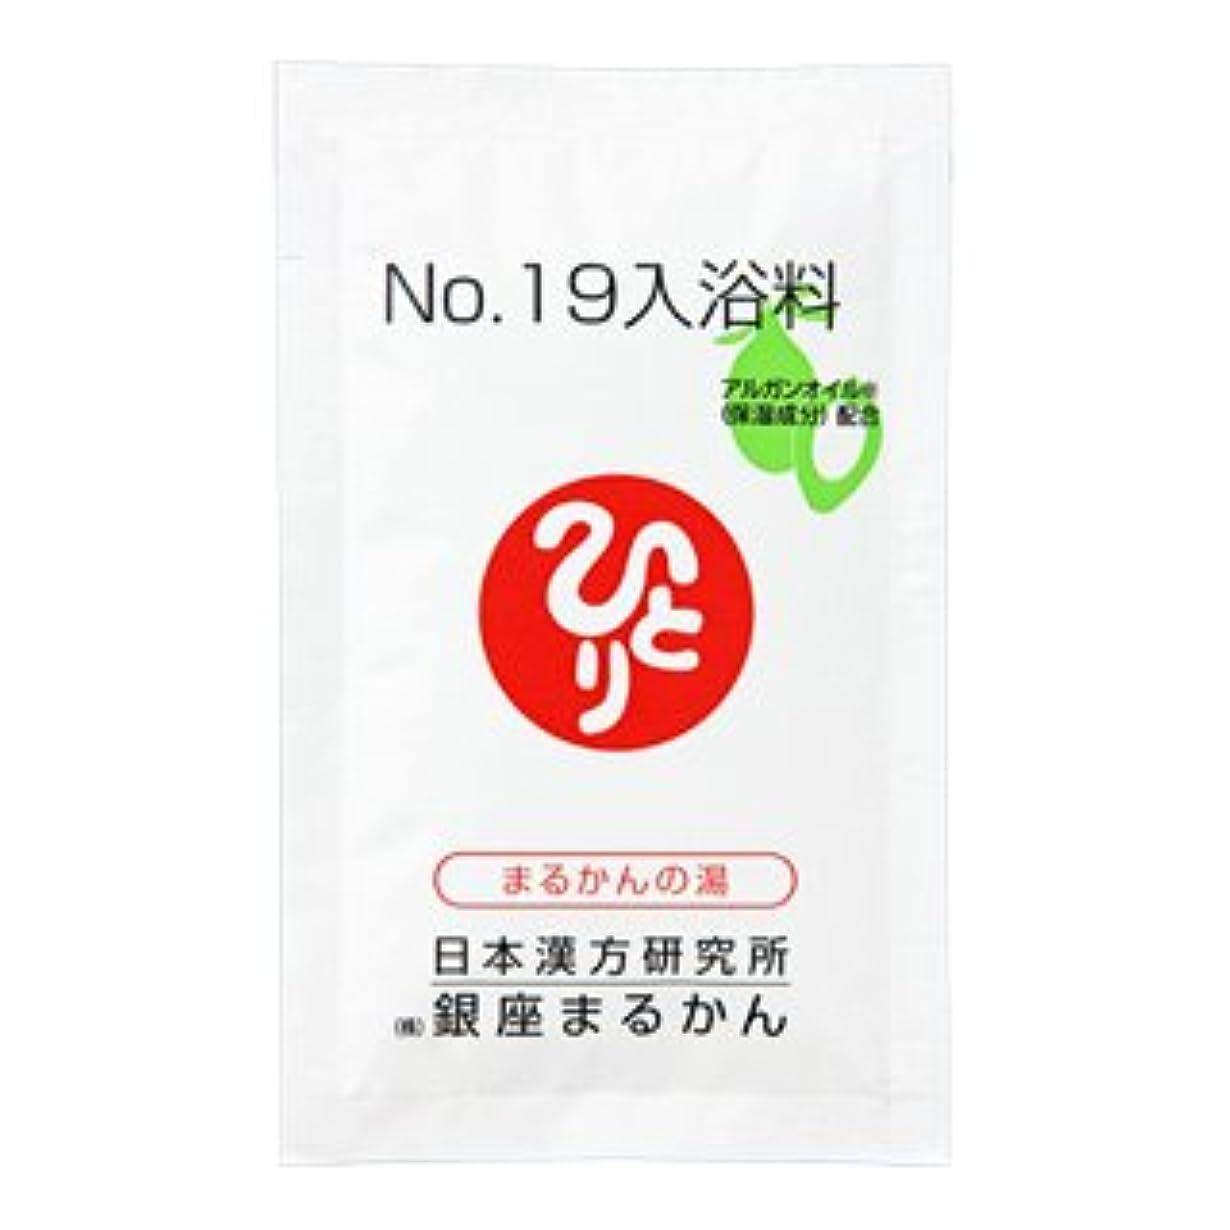 航海誠実さアルバム銀座まるかん No.19入浴料(50個)